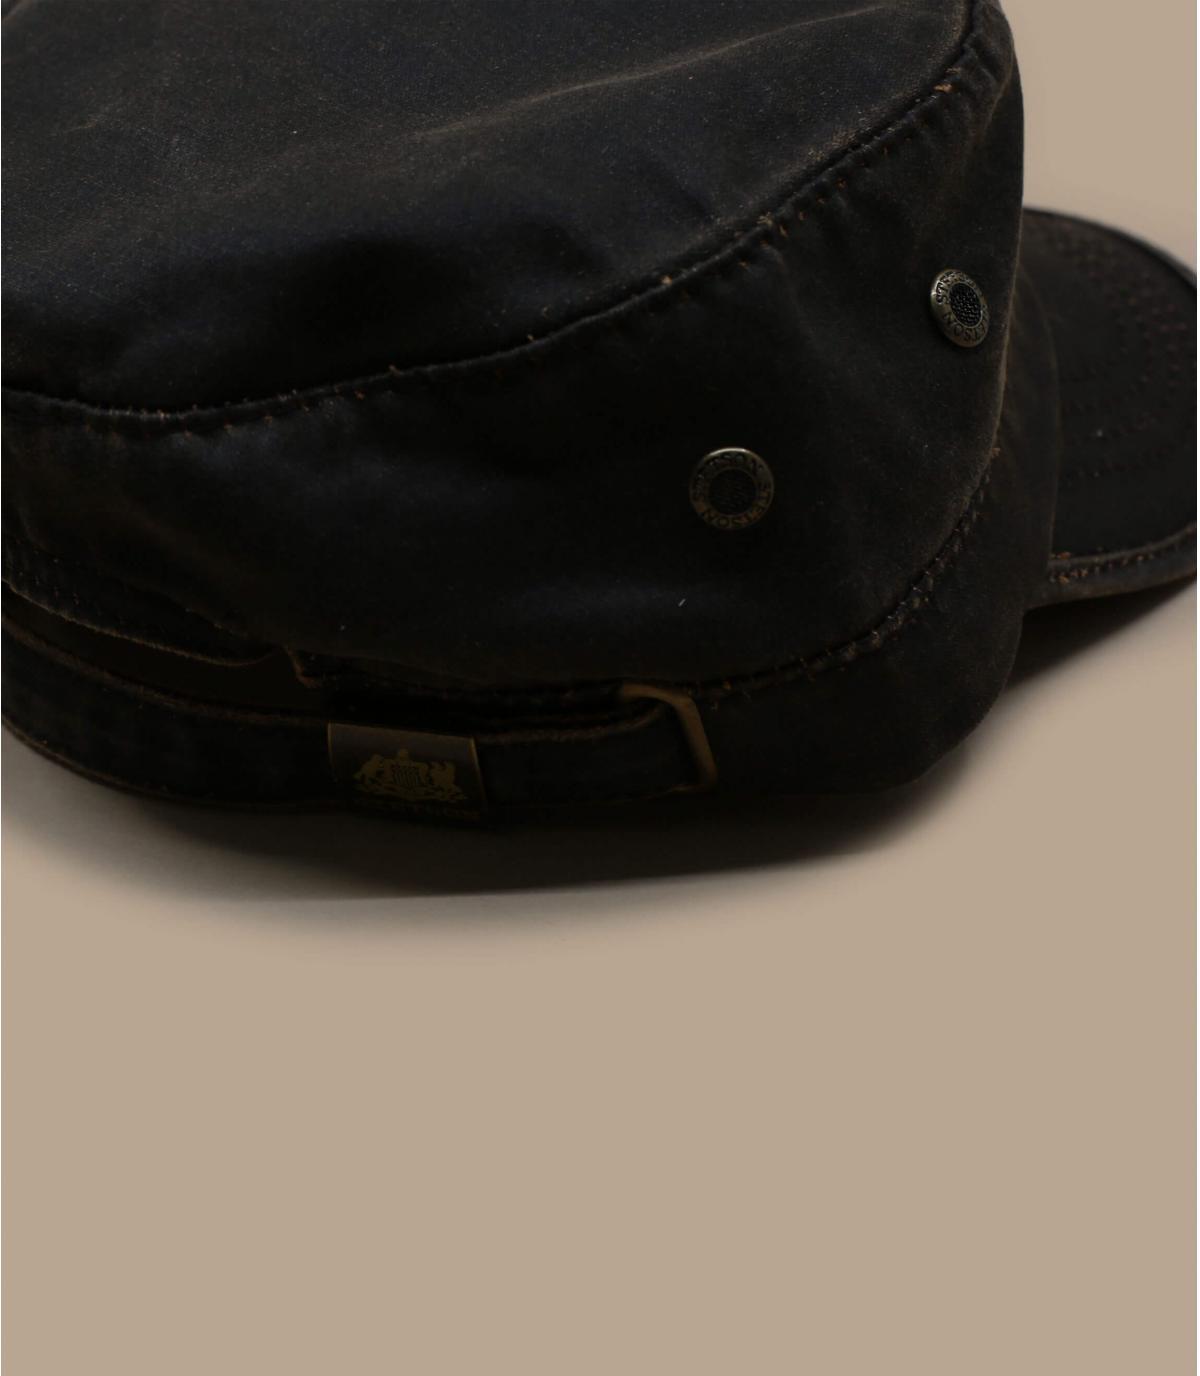 Details Cap Datto braun  - Abbildung 3